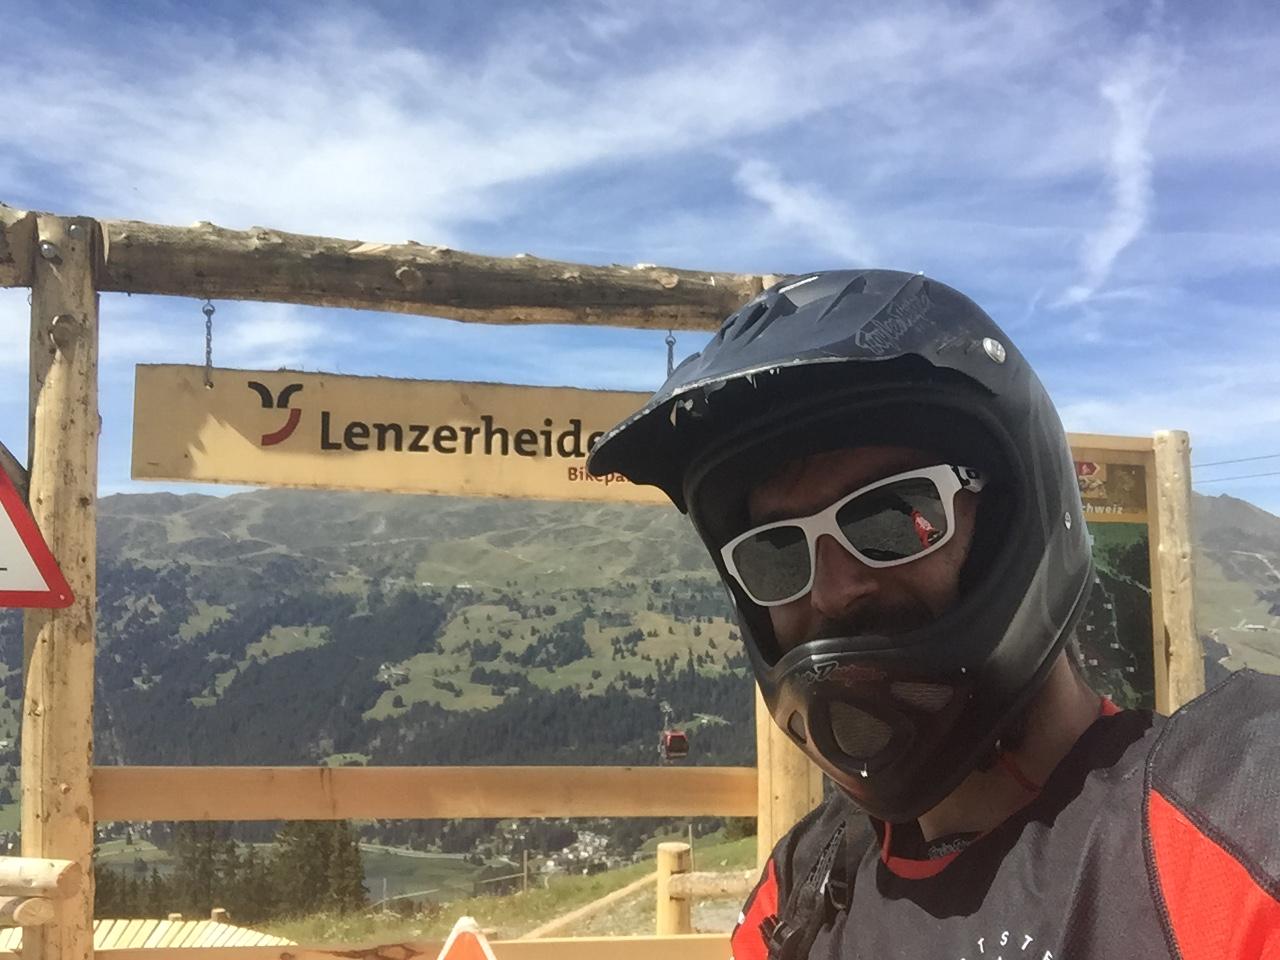 2015 biking in Lenzerheide (SUI)